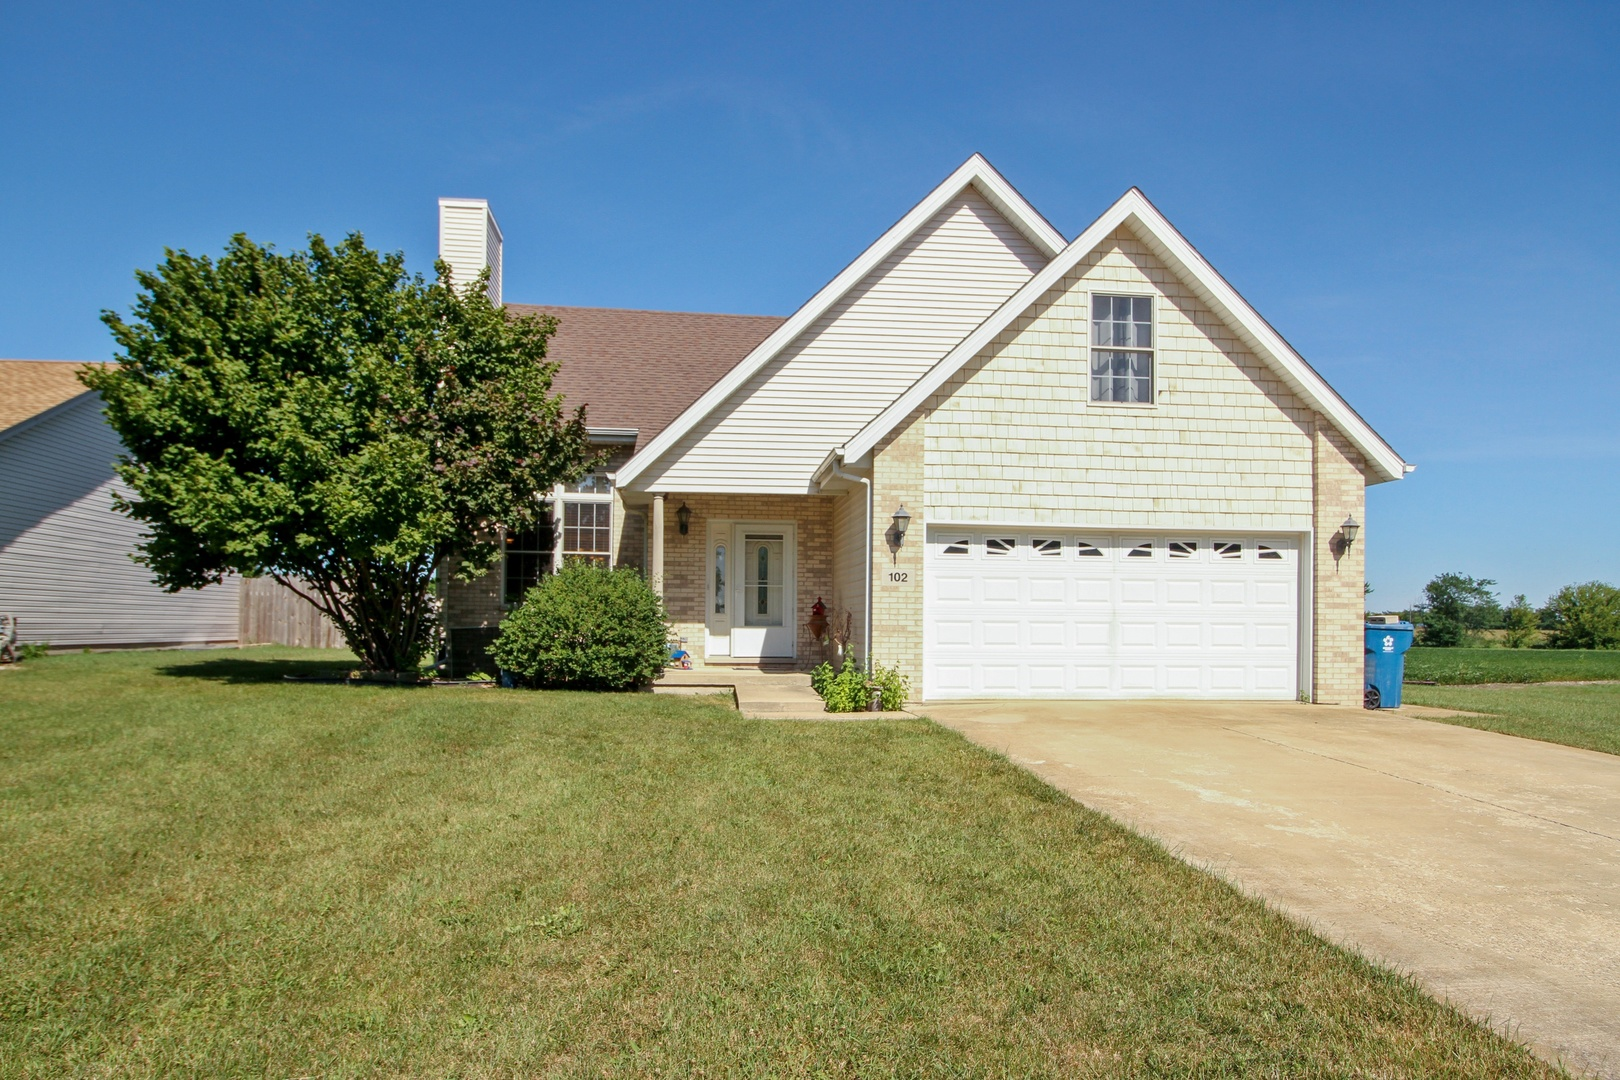 102 Van Buren ,Bradley, Illinois 60915